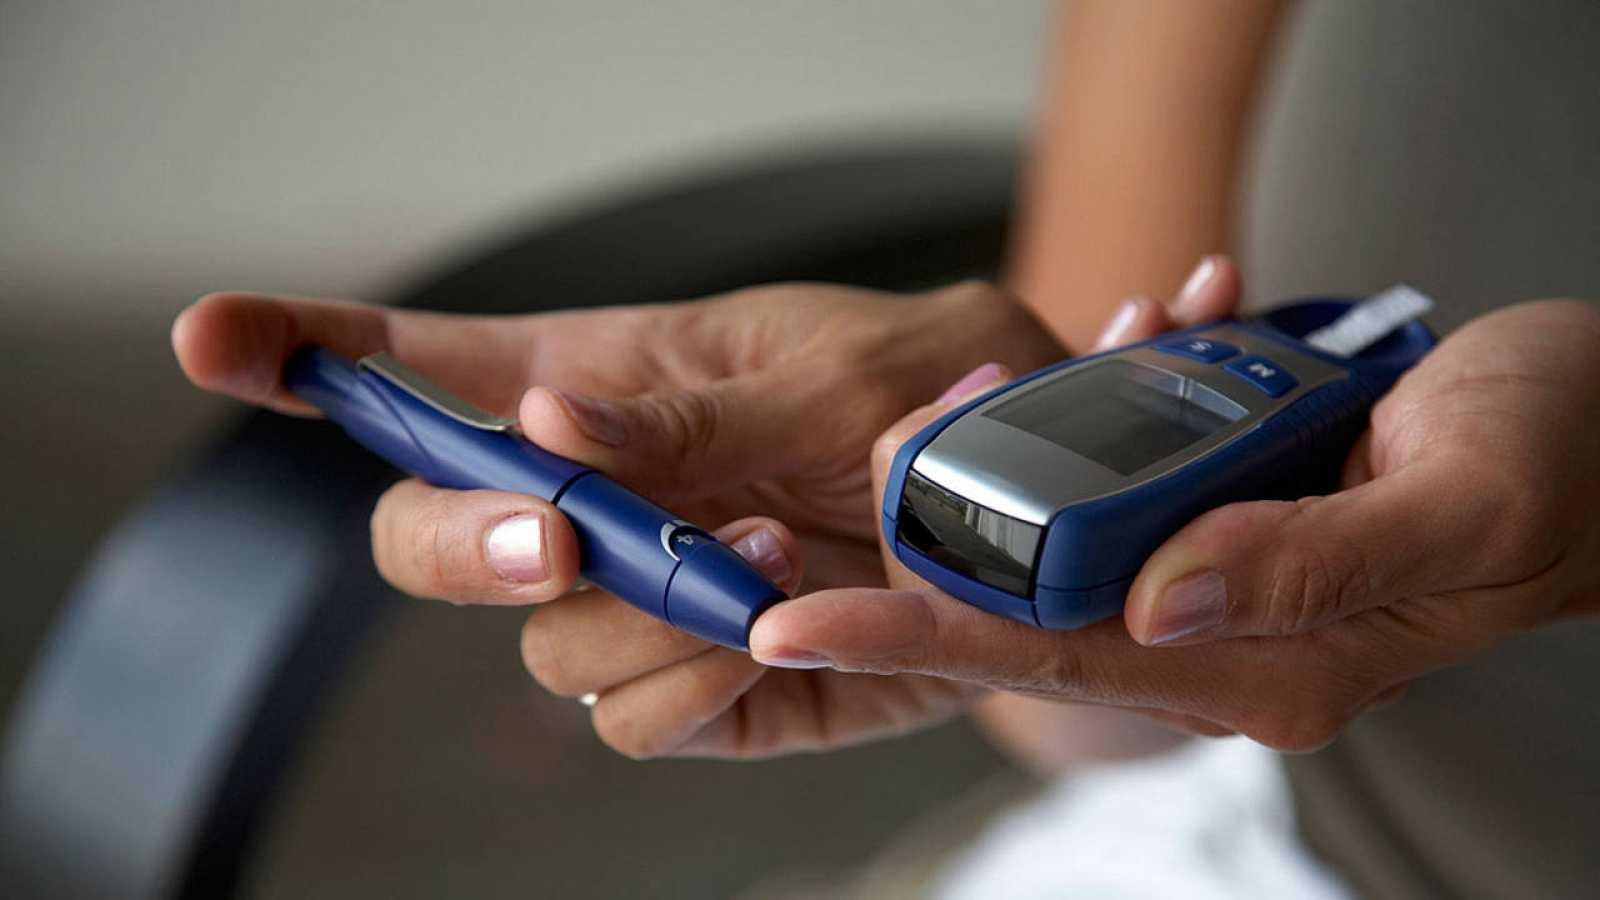 Imagen de una mujer haciéndose una prueba de glucosa.